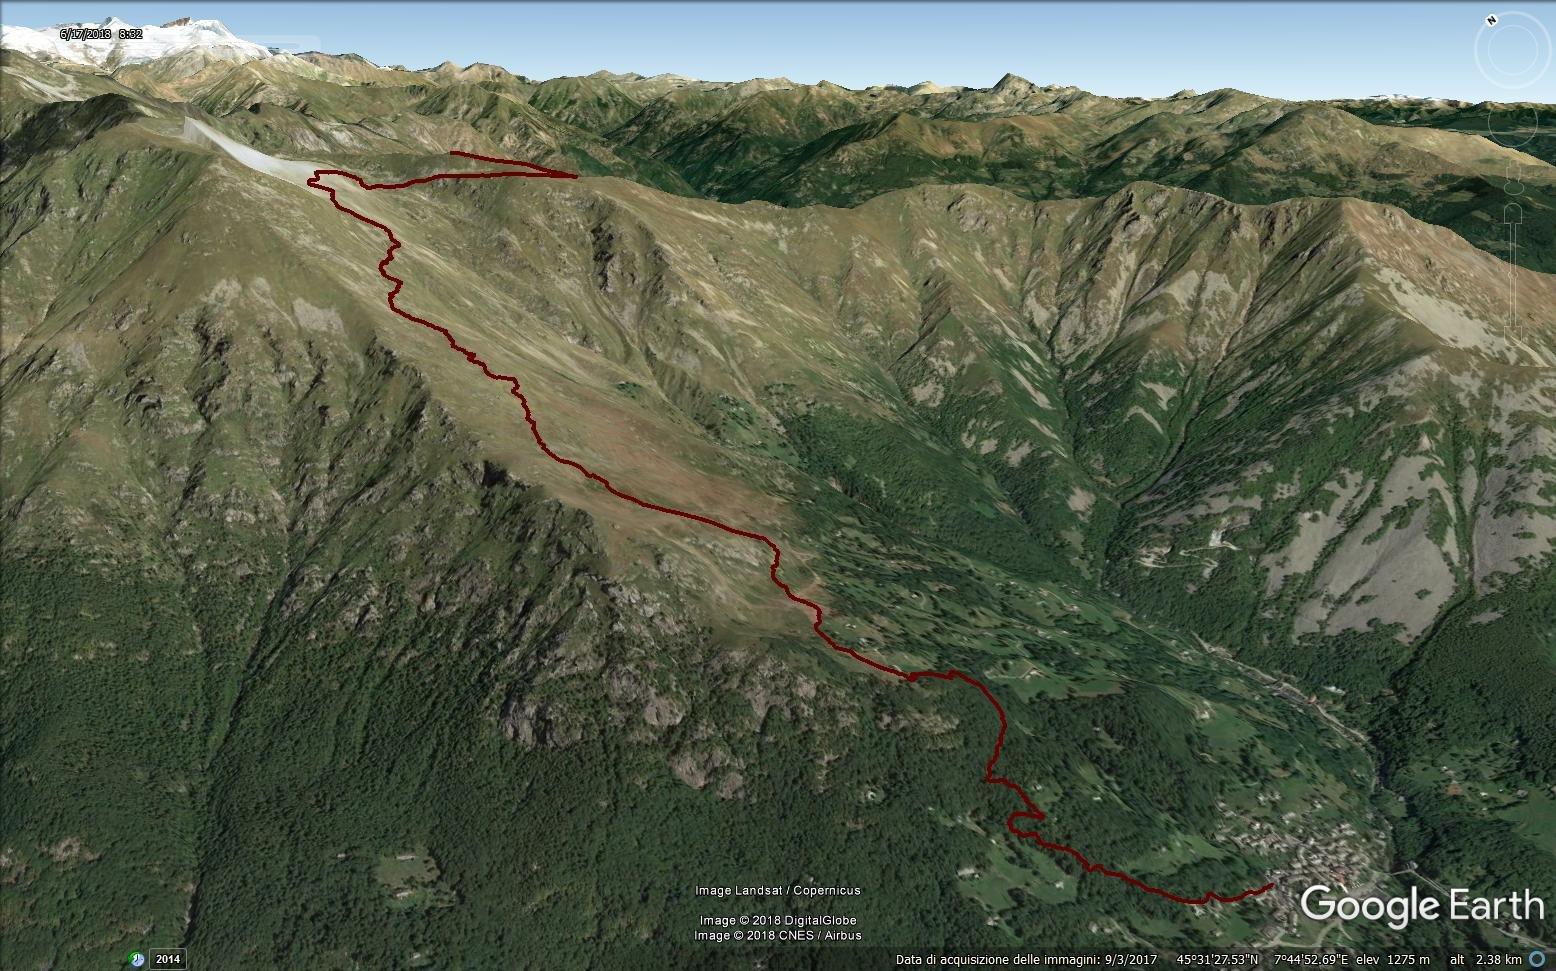 traccia gps del percorso in google earth